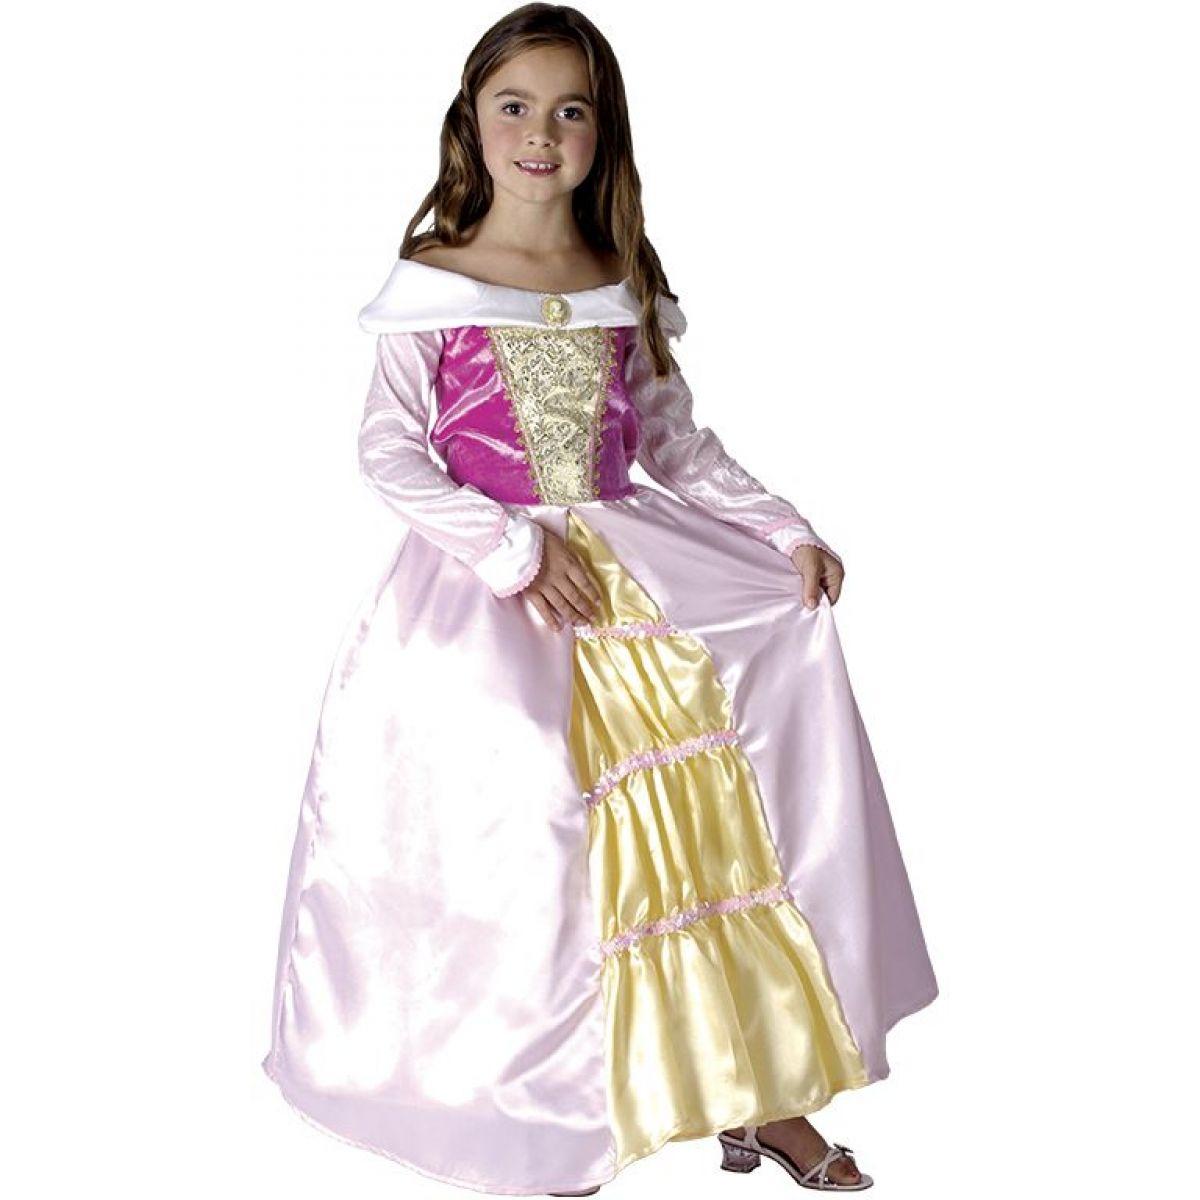 HM Studio Dětský kostým pro princezny, 130-140 cm